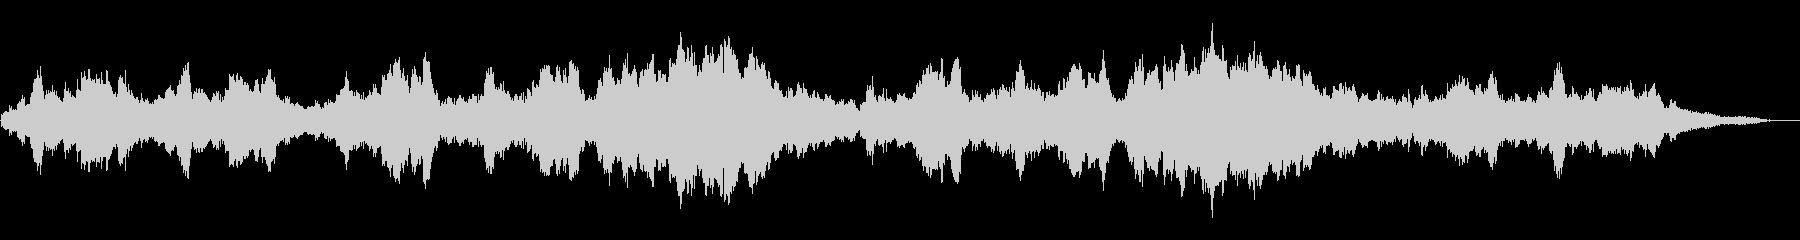 1分で「エリーゼのために」ピアノソロの未再生の波形